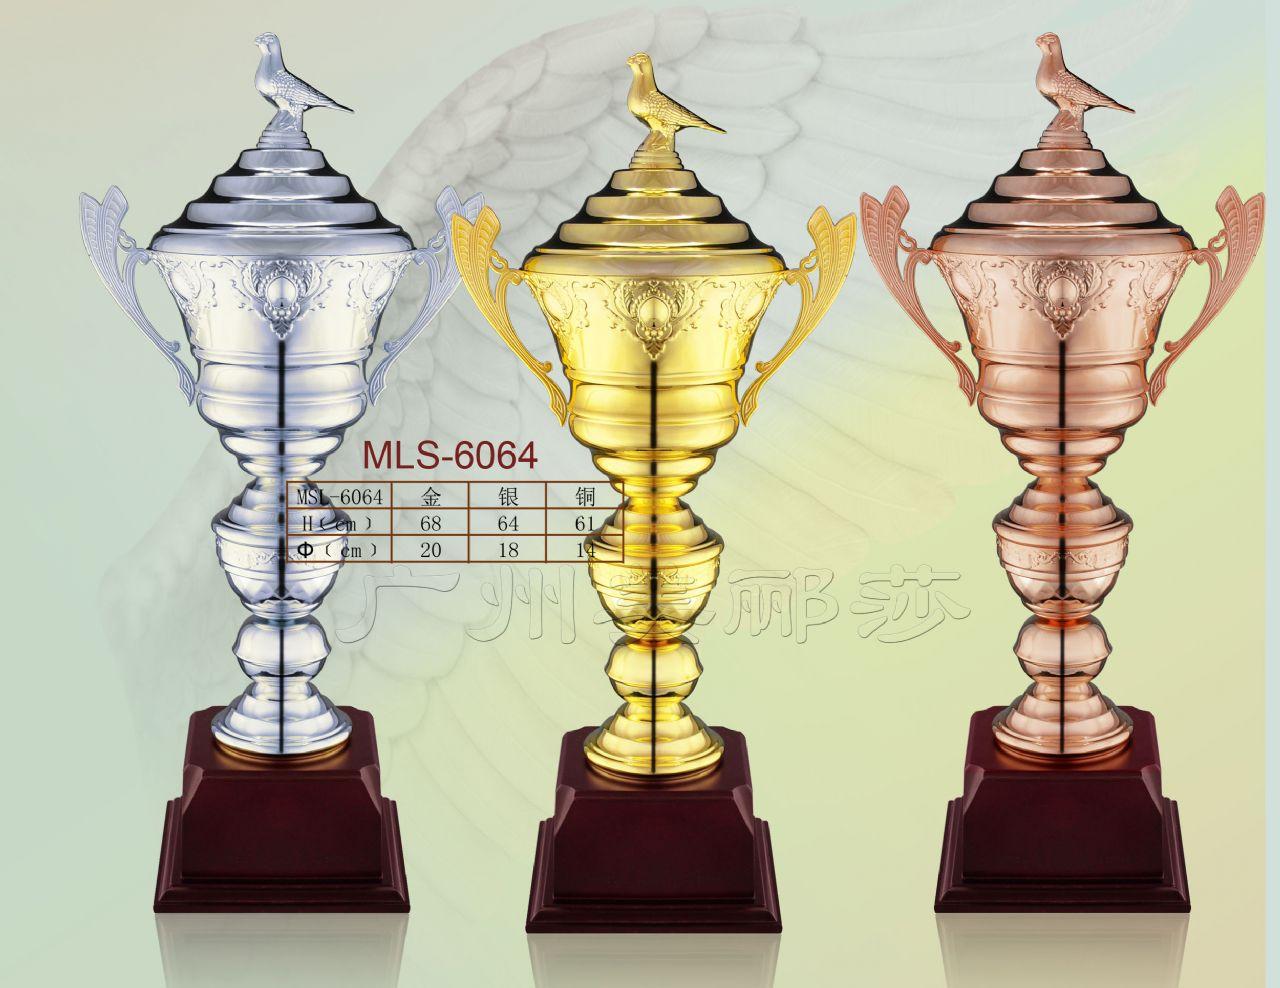 MLS-6064